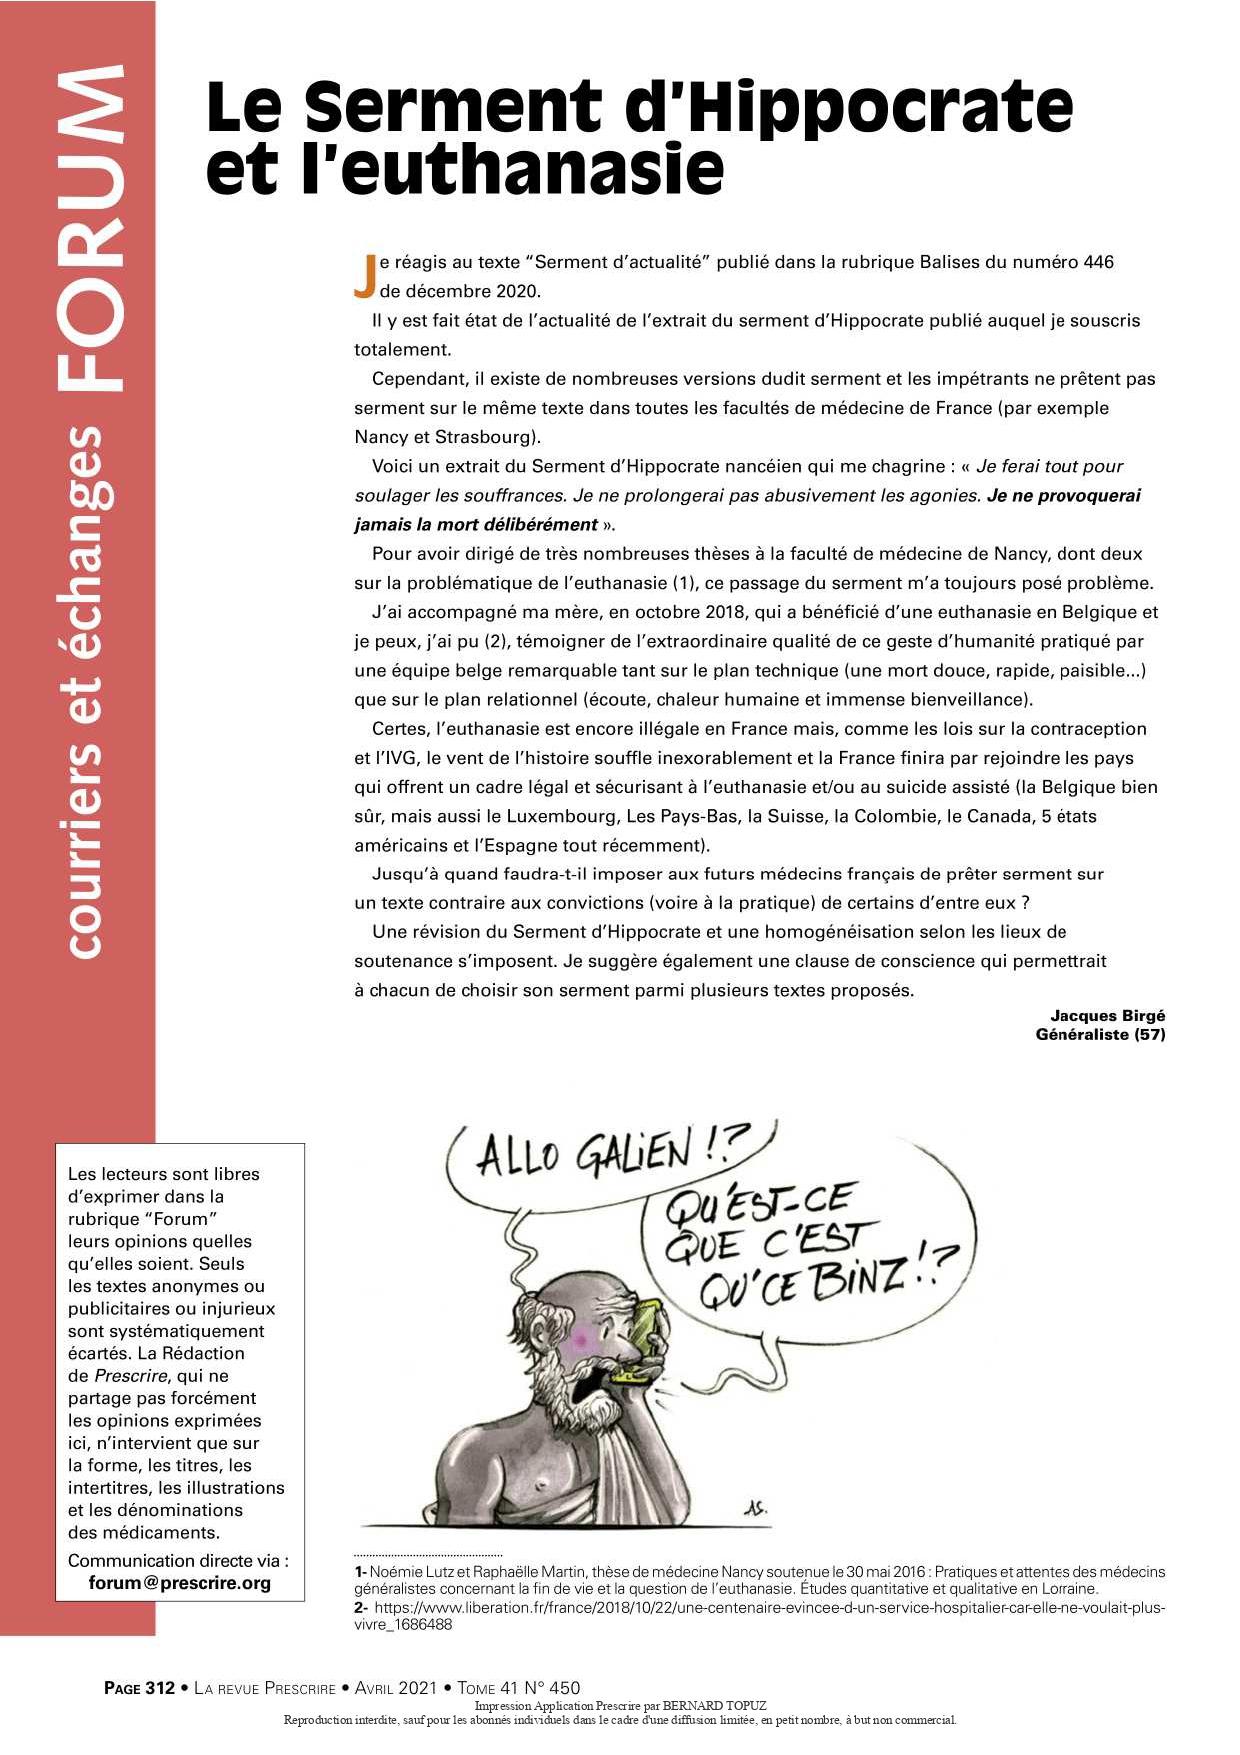 Le Serment d'Hippocrate de Euthanasie - Magazine Prescrire Avril 2021